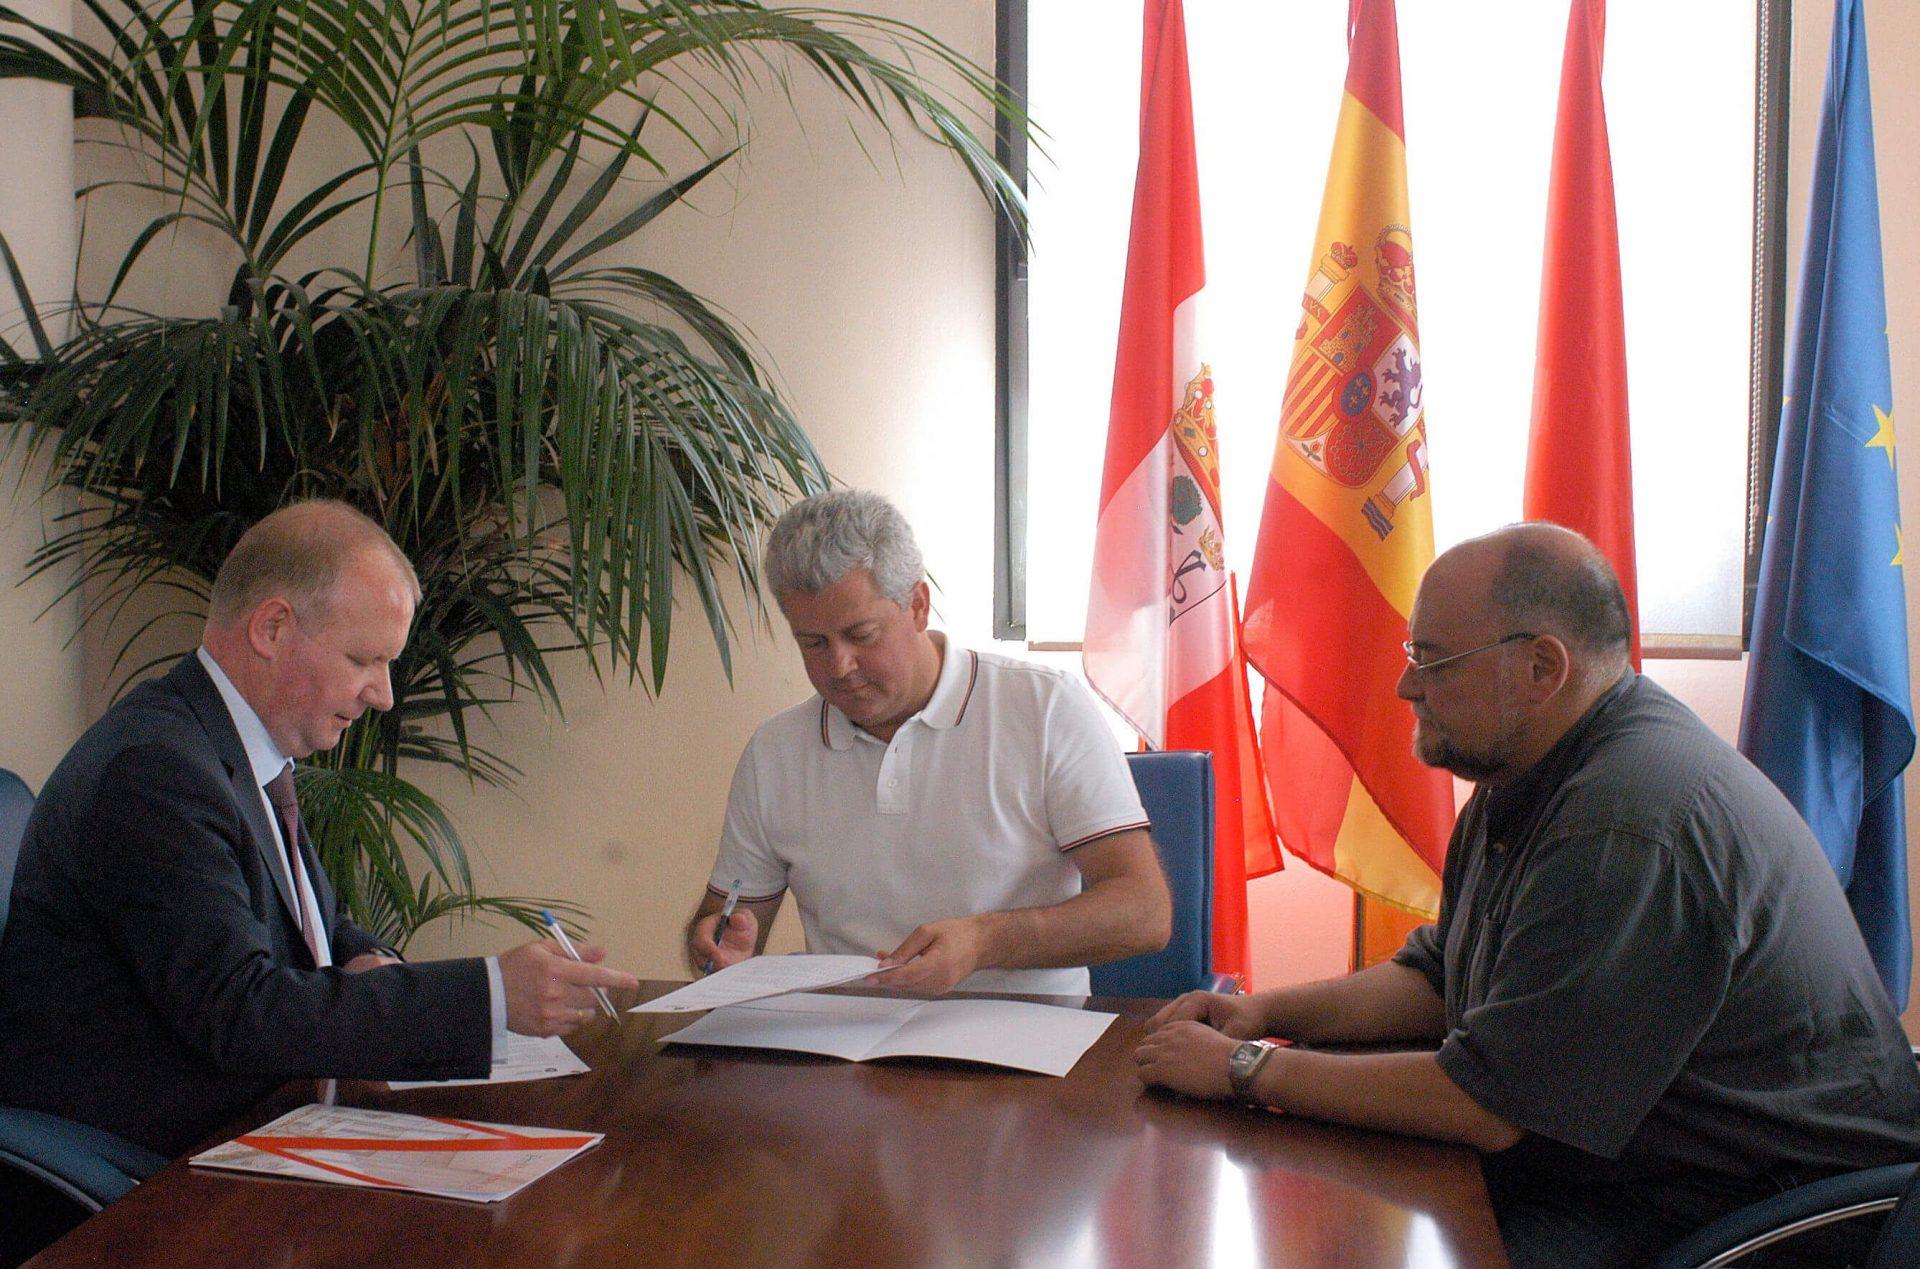 ProWorkSpaces sigue sumando colaboraciones con la firma del acuerdo con el Ayuntamiento de San Sebastián de los Reyes